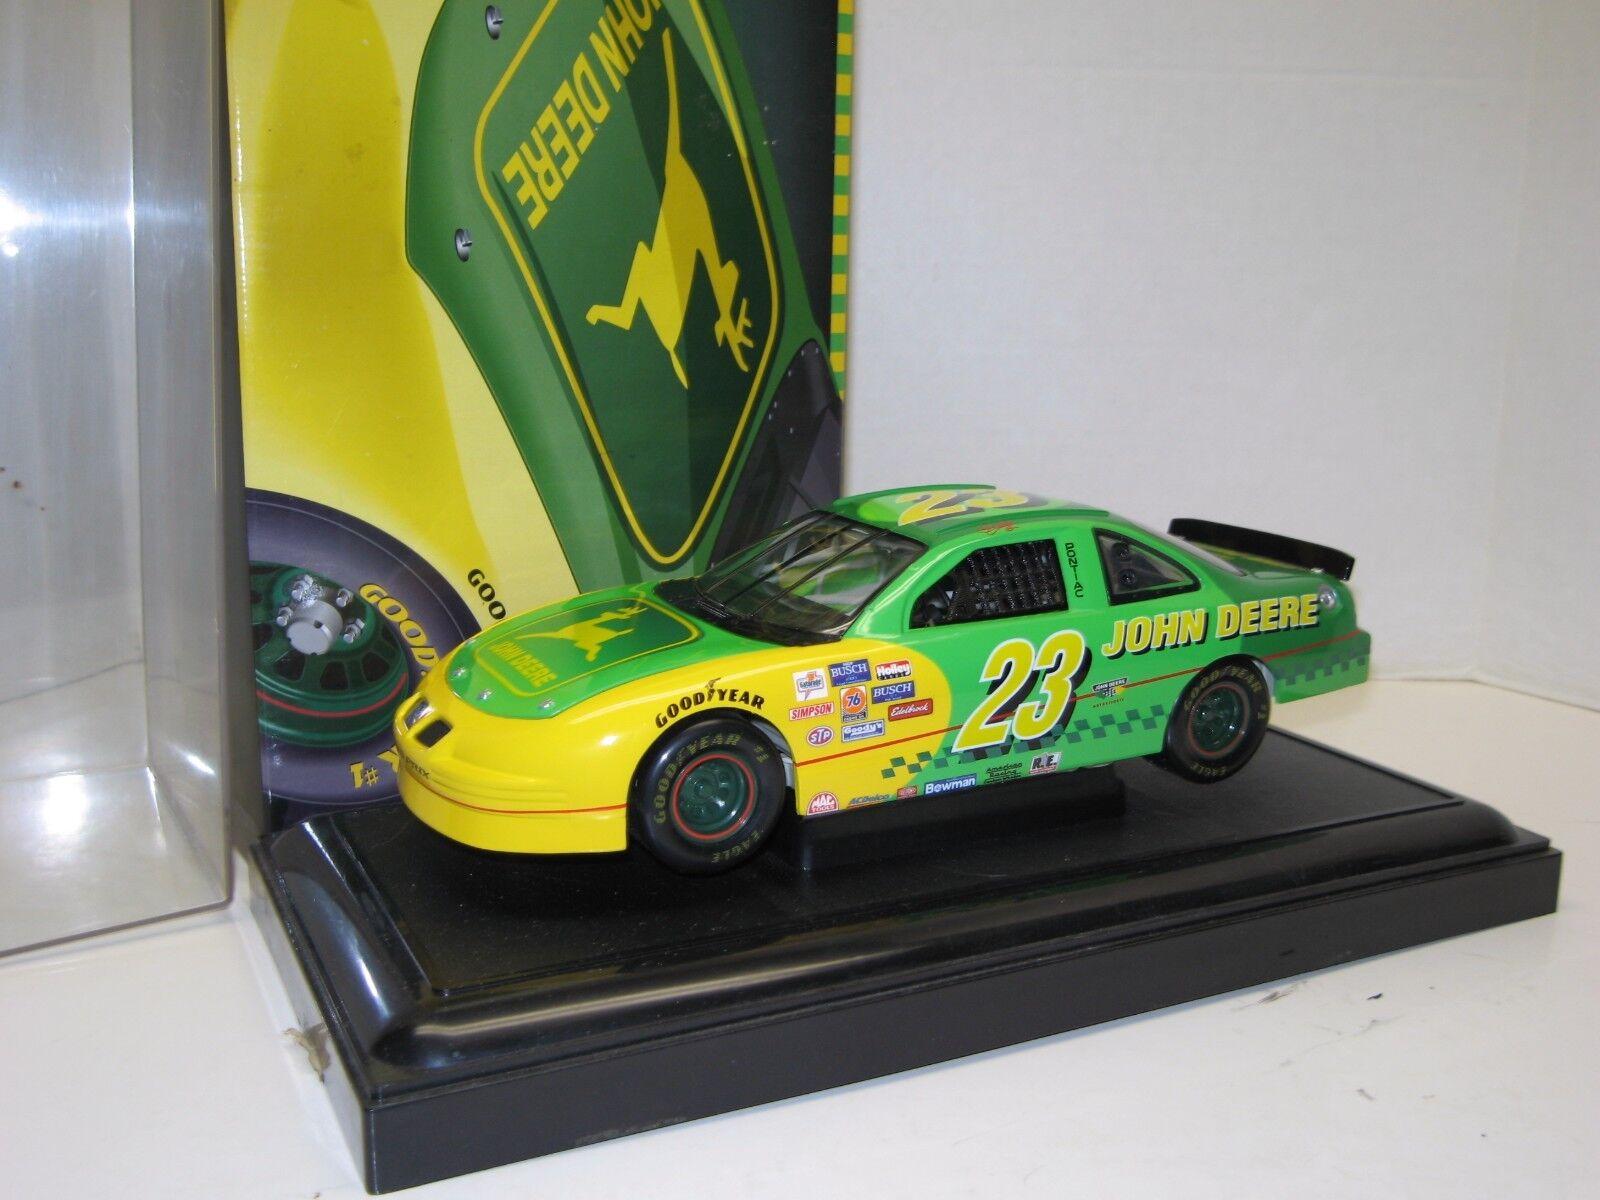 envío gratuito a nivel mundial 1 18 John Deere MotorDeporte  23 1996 Nuevo Nuevo Nuevo en Caja Envío Gratuito  marcas de diseñadores baratos